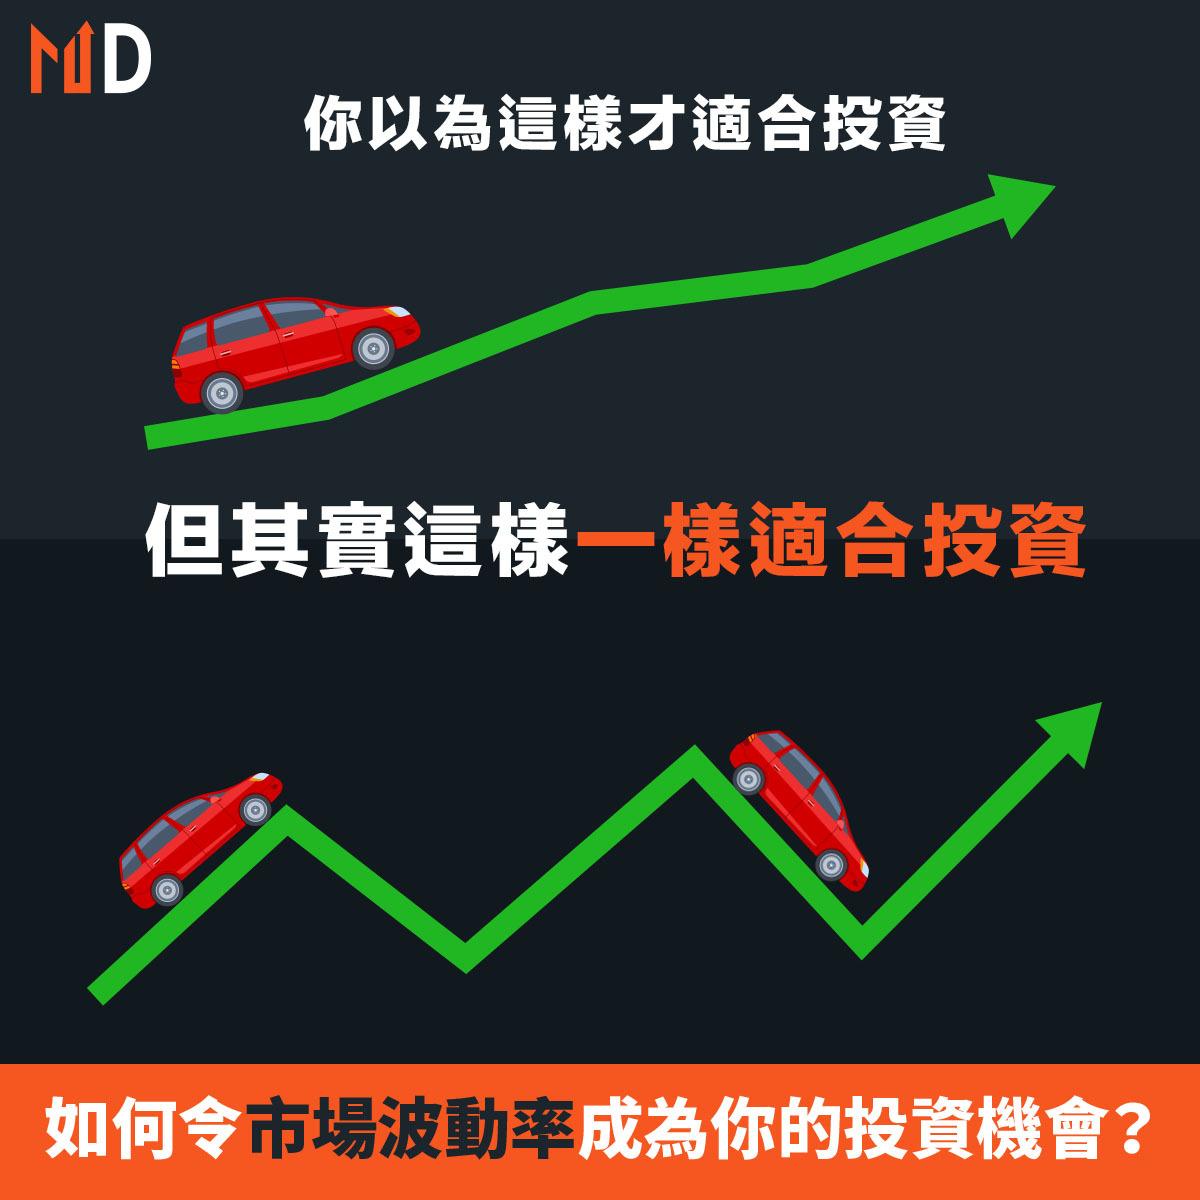 【投資竅門】遇上波動市況甚至大回調時,如何令市場波動率成為你的投資機會?